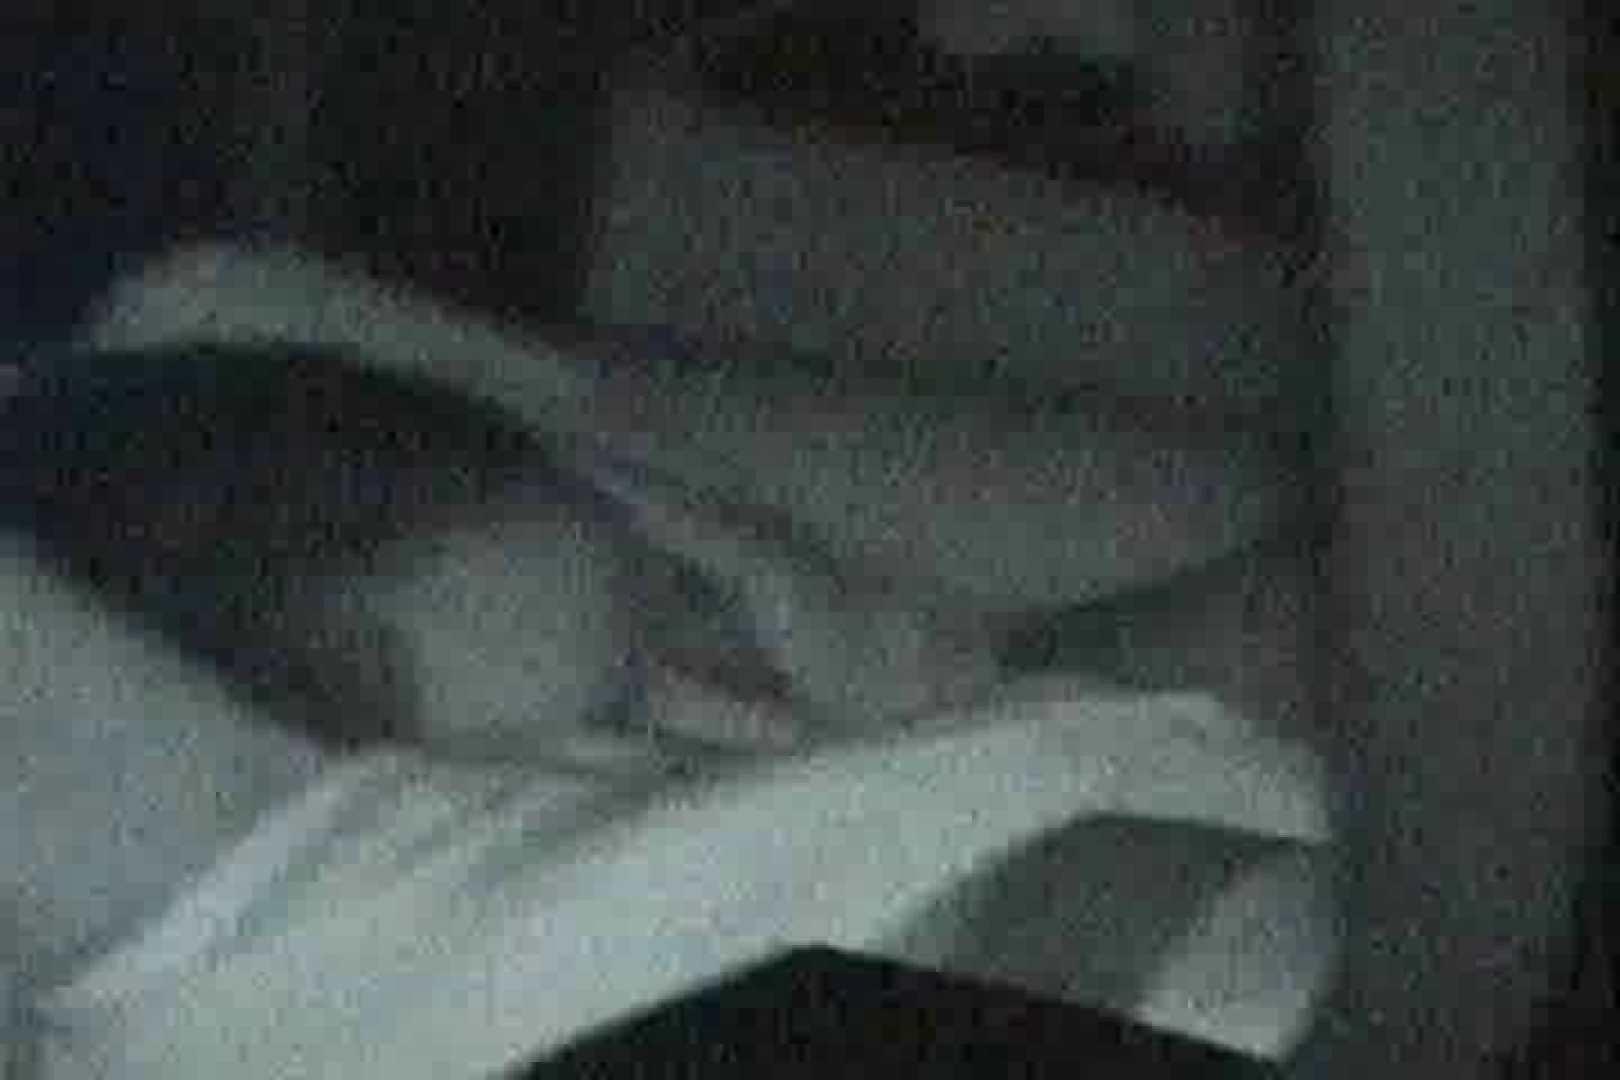 充血監督の深夜の運動会Vol.14 OLエロ画像 覗きおまんこ画像 106PICs 26